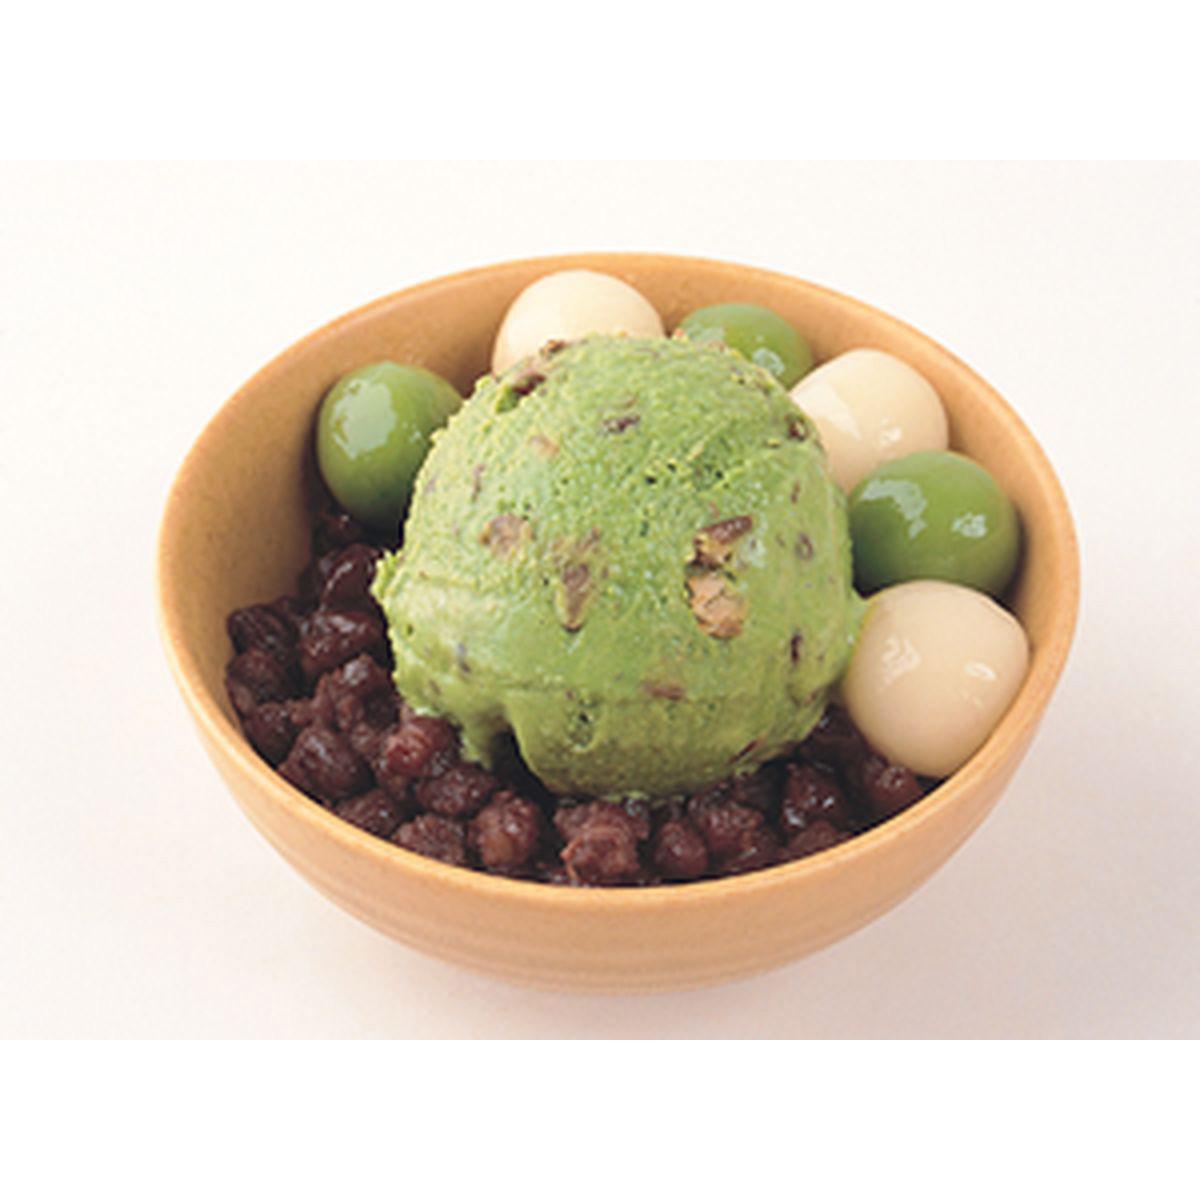 食譜:抹茶冰淇淋甜點